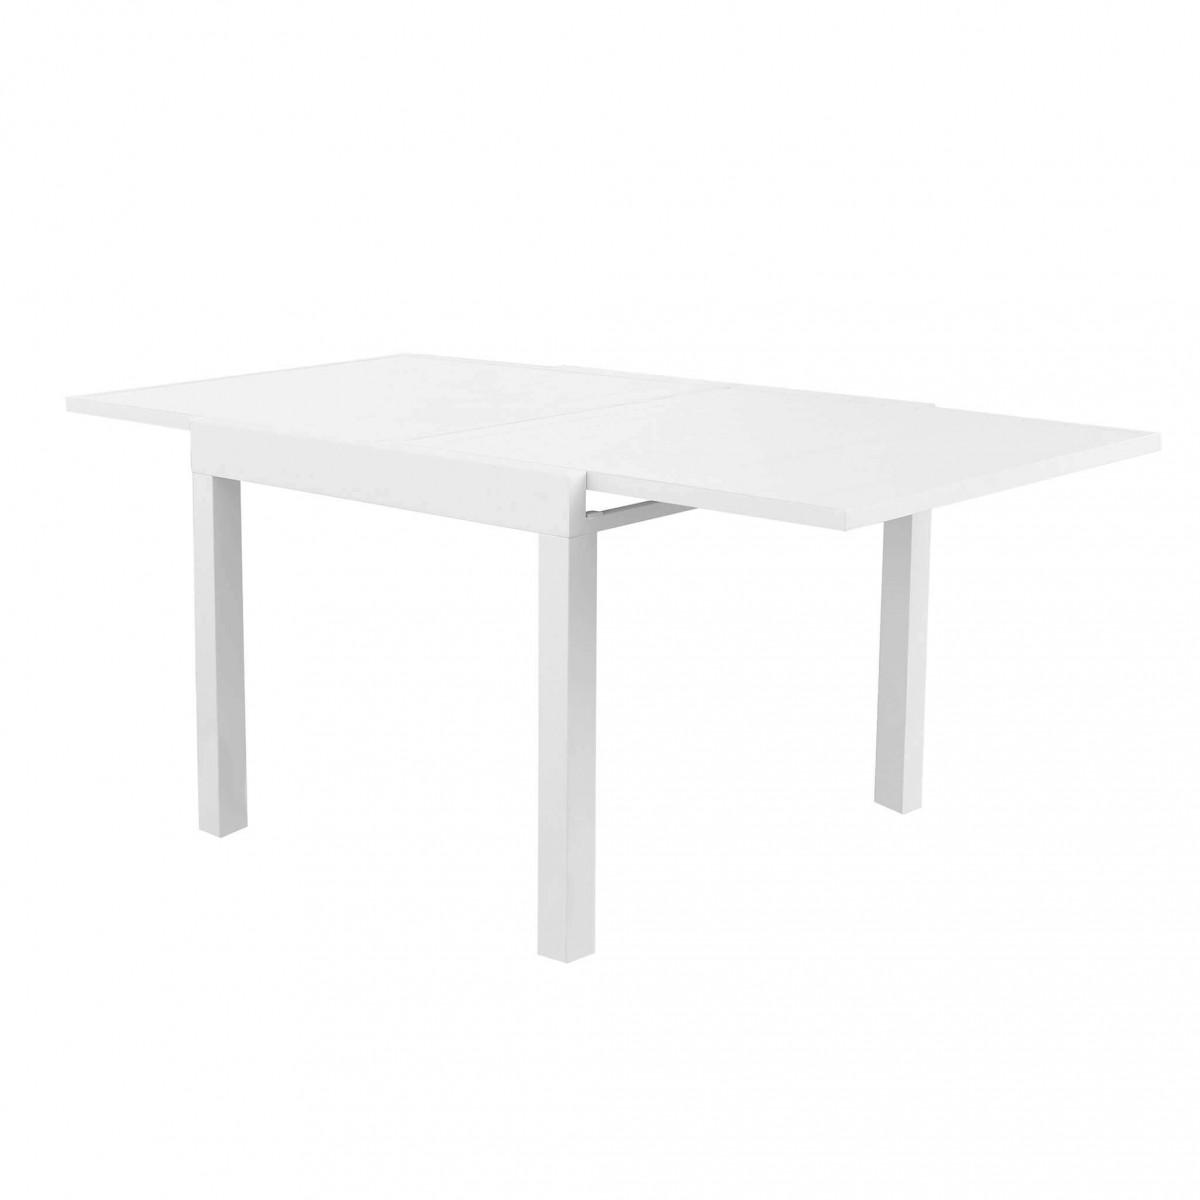 Tavolo Saponara in Alluminio Allungabile  Vari Colori e Misure bianco